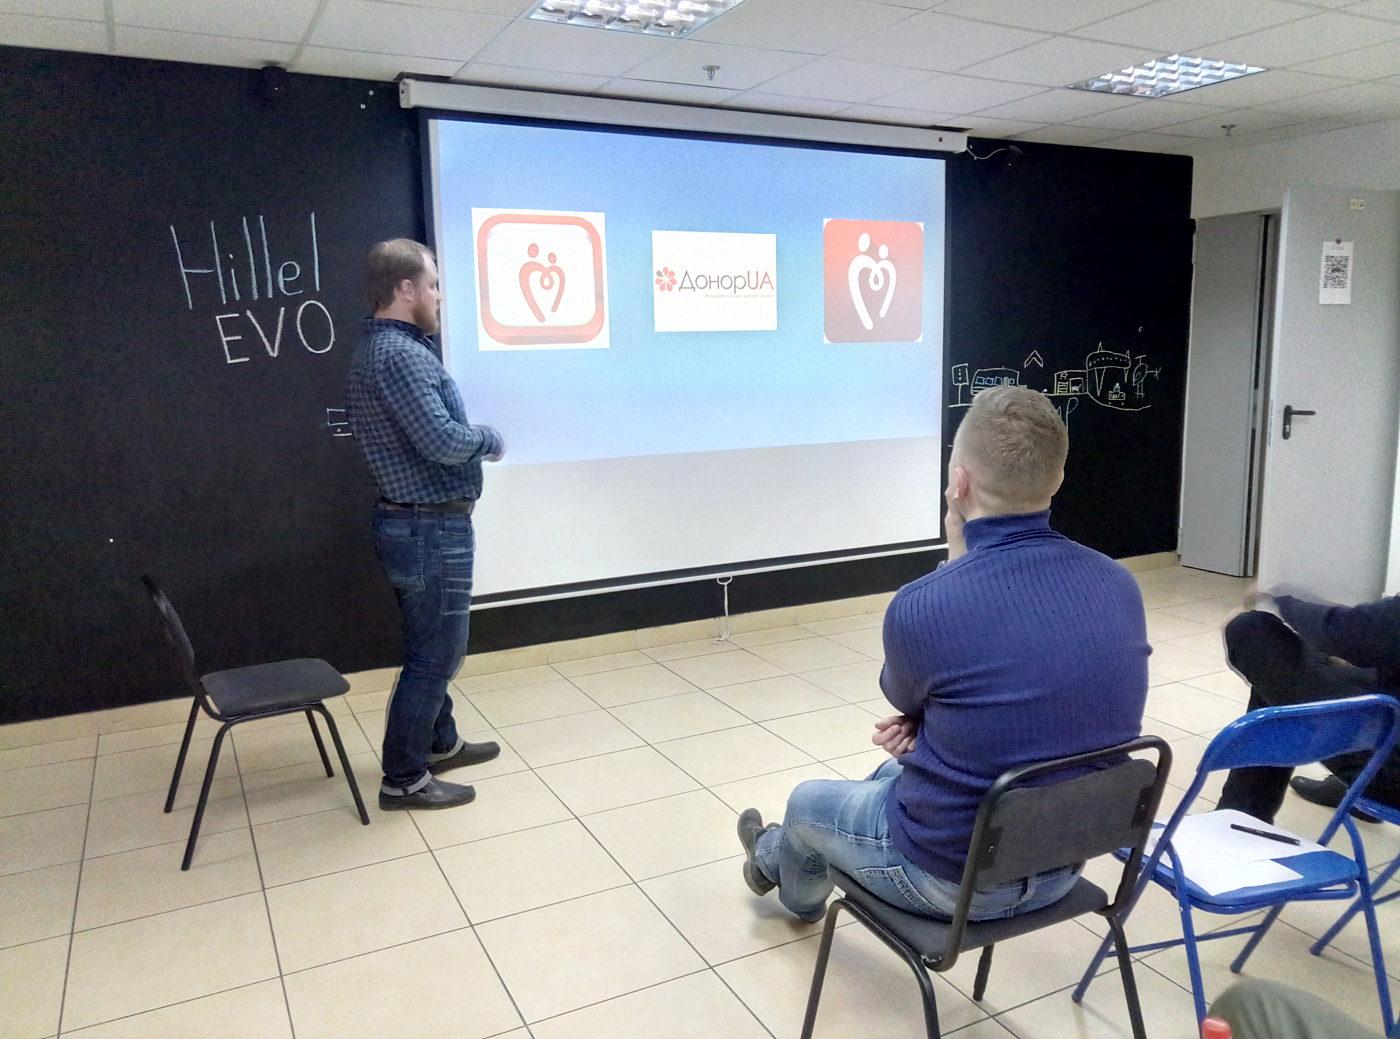 Мероприятия: Старт программы Hillel Evo в Днепре